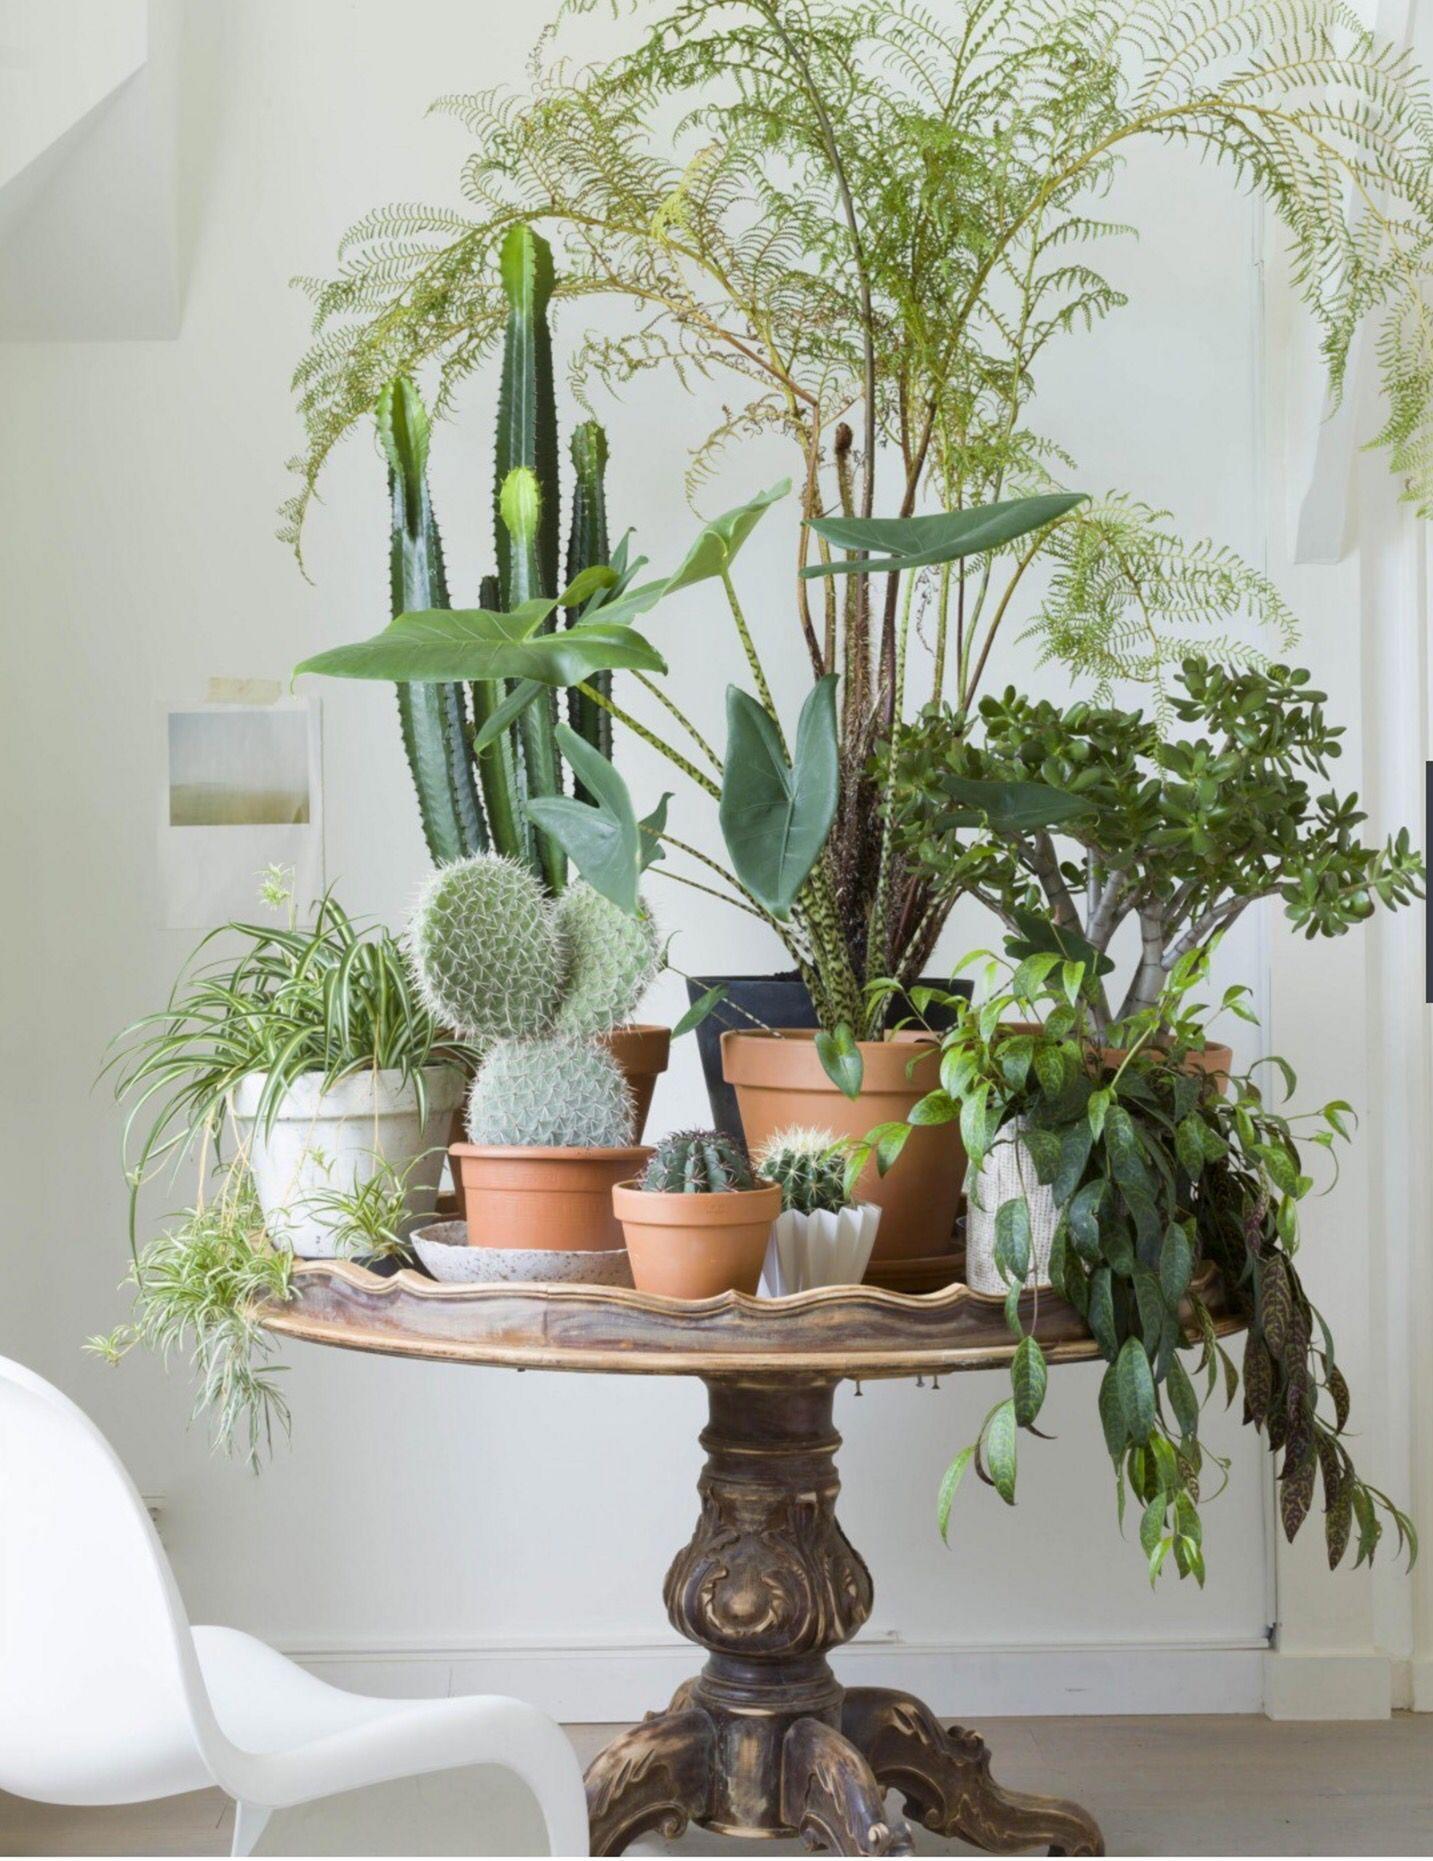 35 Indoor Garden Ideas To Green Your Home: 35+ Best Inspiring Indoor Plants Garden Ideas To Makes